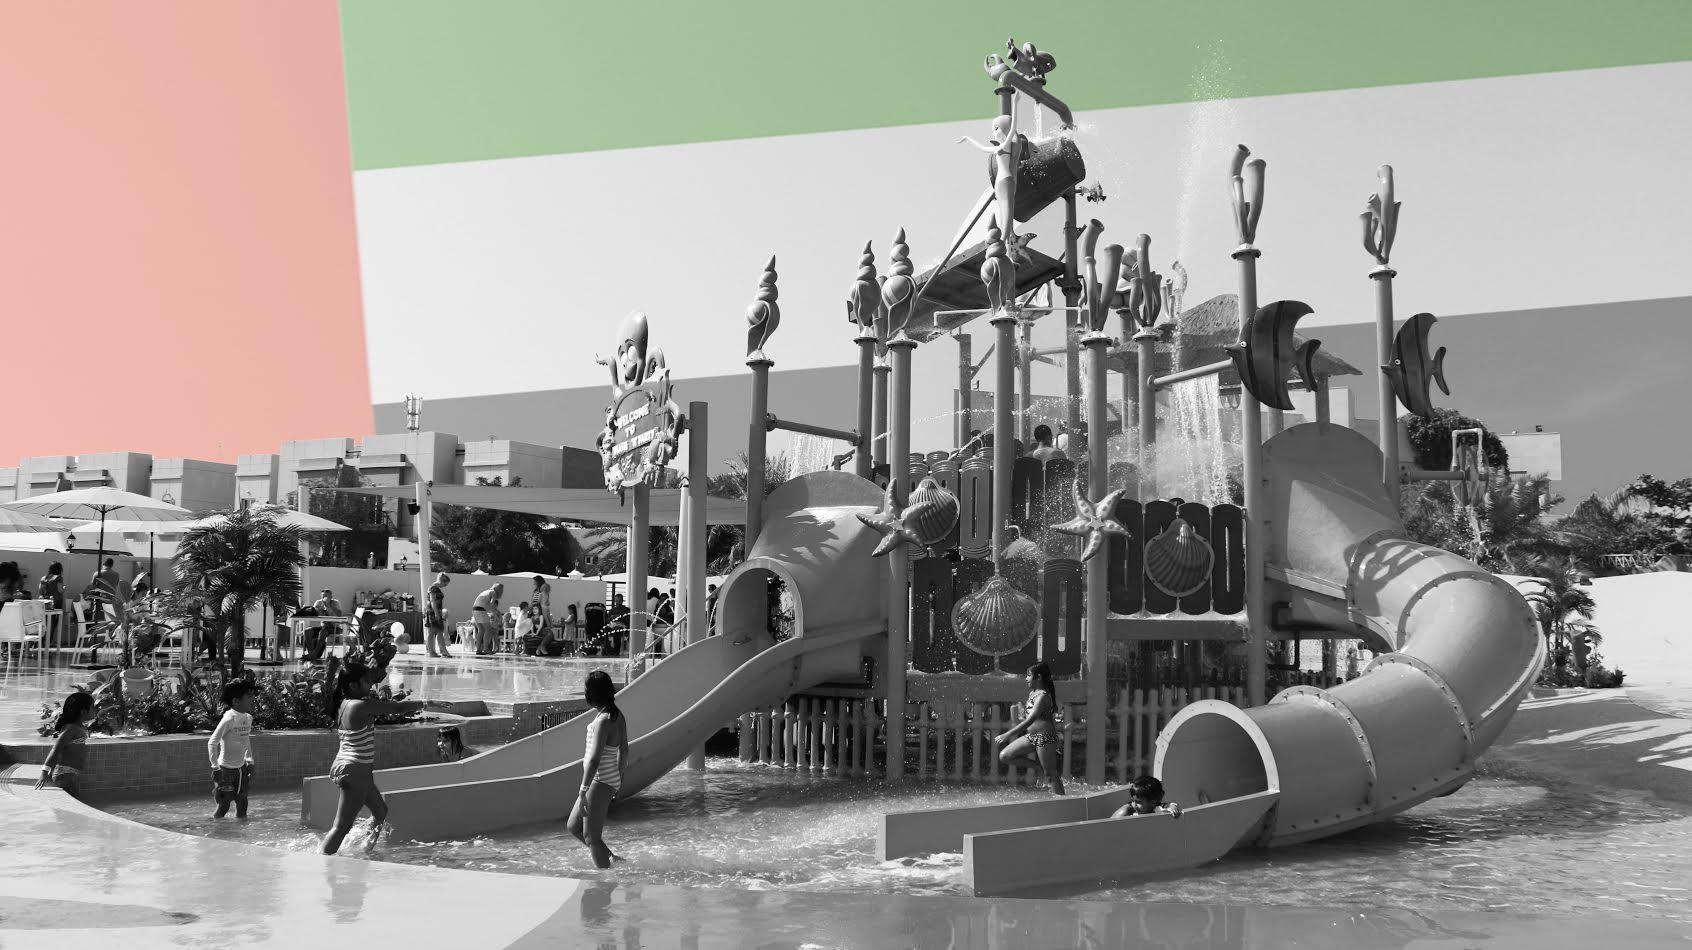 عروض حدائق سبلاش أند بارتي المائية في دبي إحتفالاً بعيد الإتحاد 2016